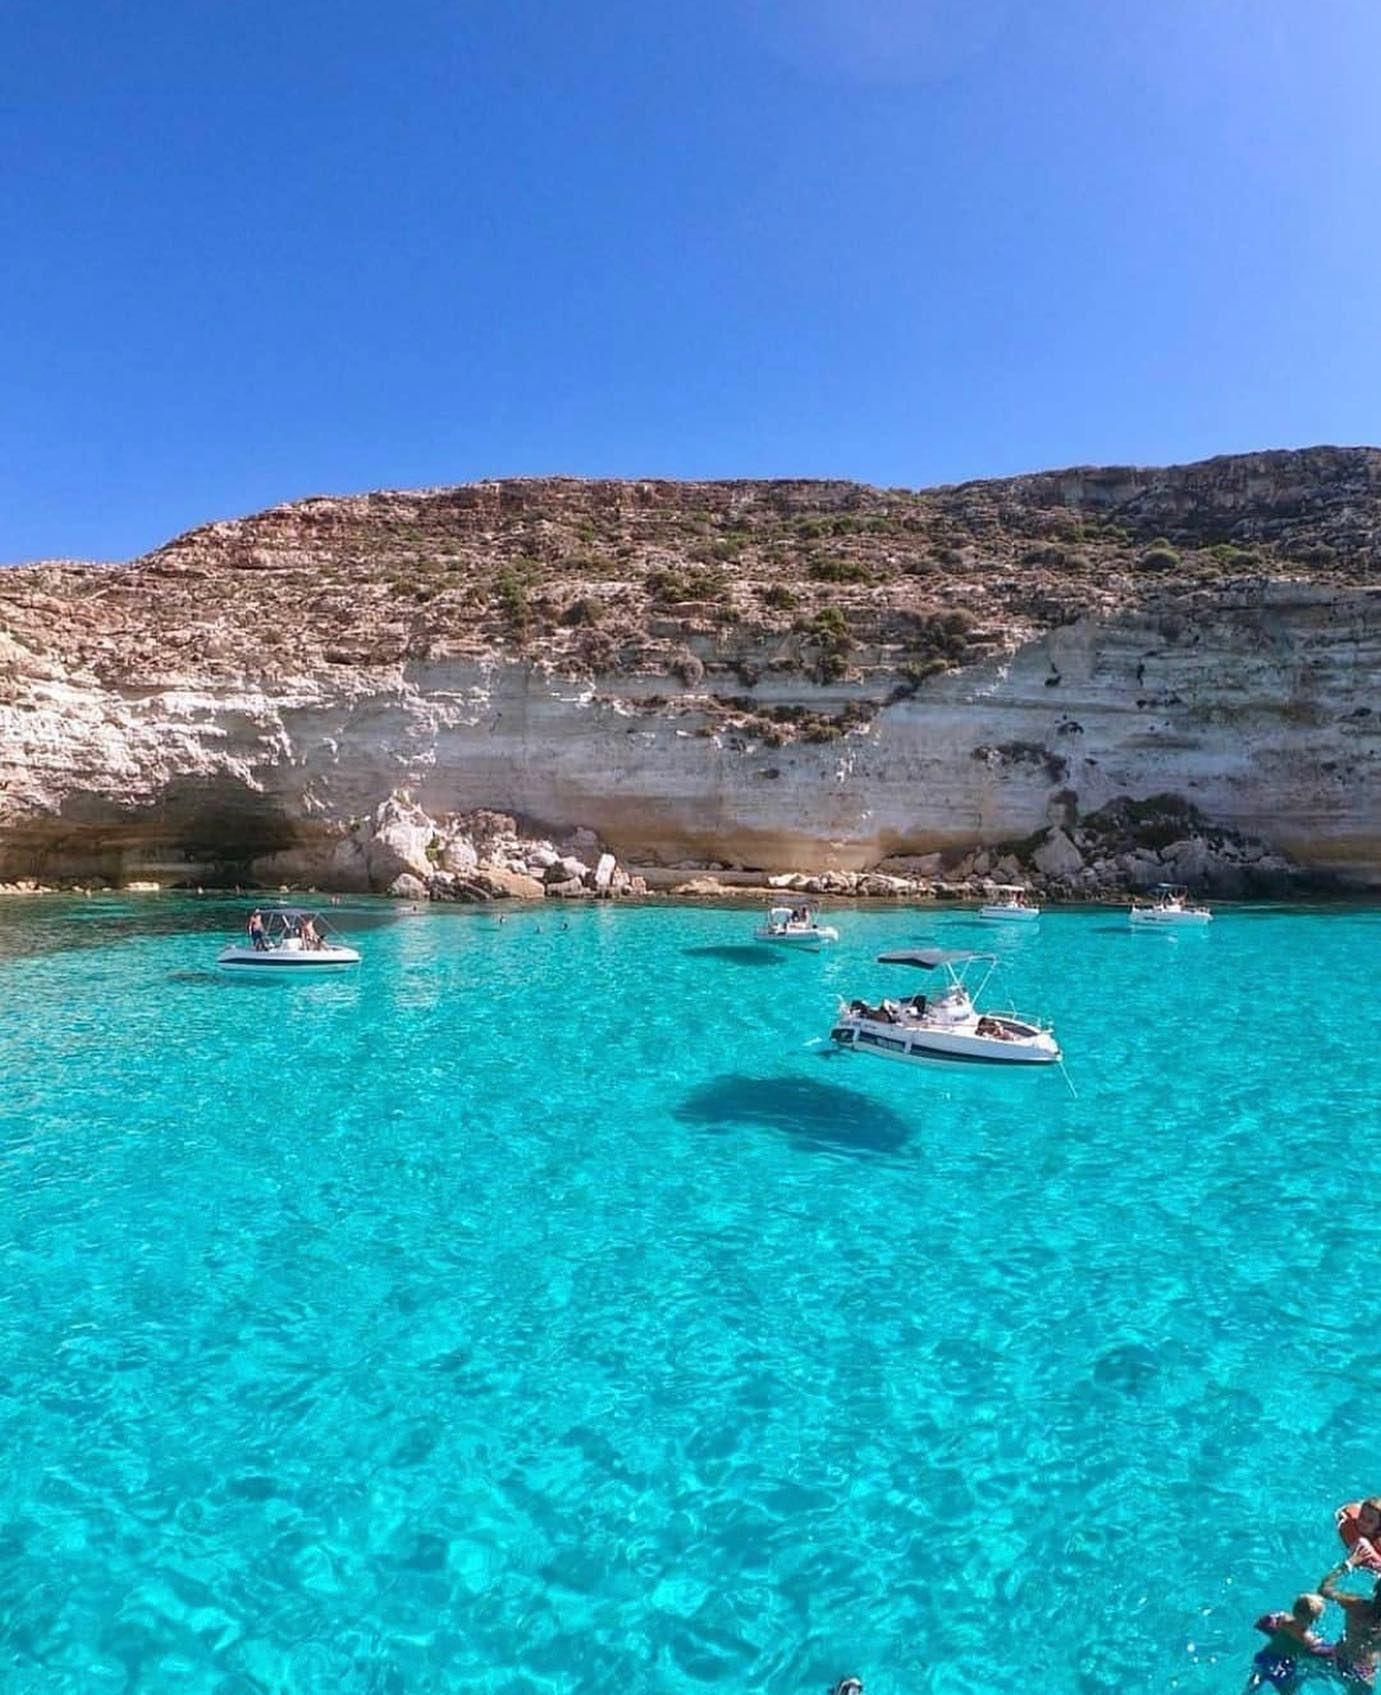 Buongiorno Da Tabaccara Lampedusa Usa Il Nostro Filtro Instagram Segui Poivorrei Sicilia Sicily S Luoghi Di Vacanza Sicilia Vacanza